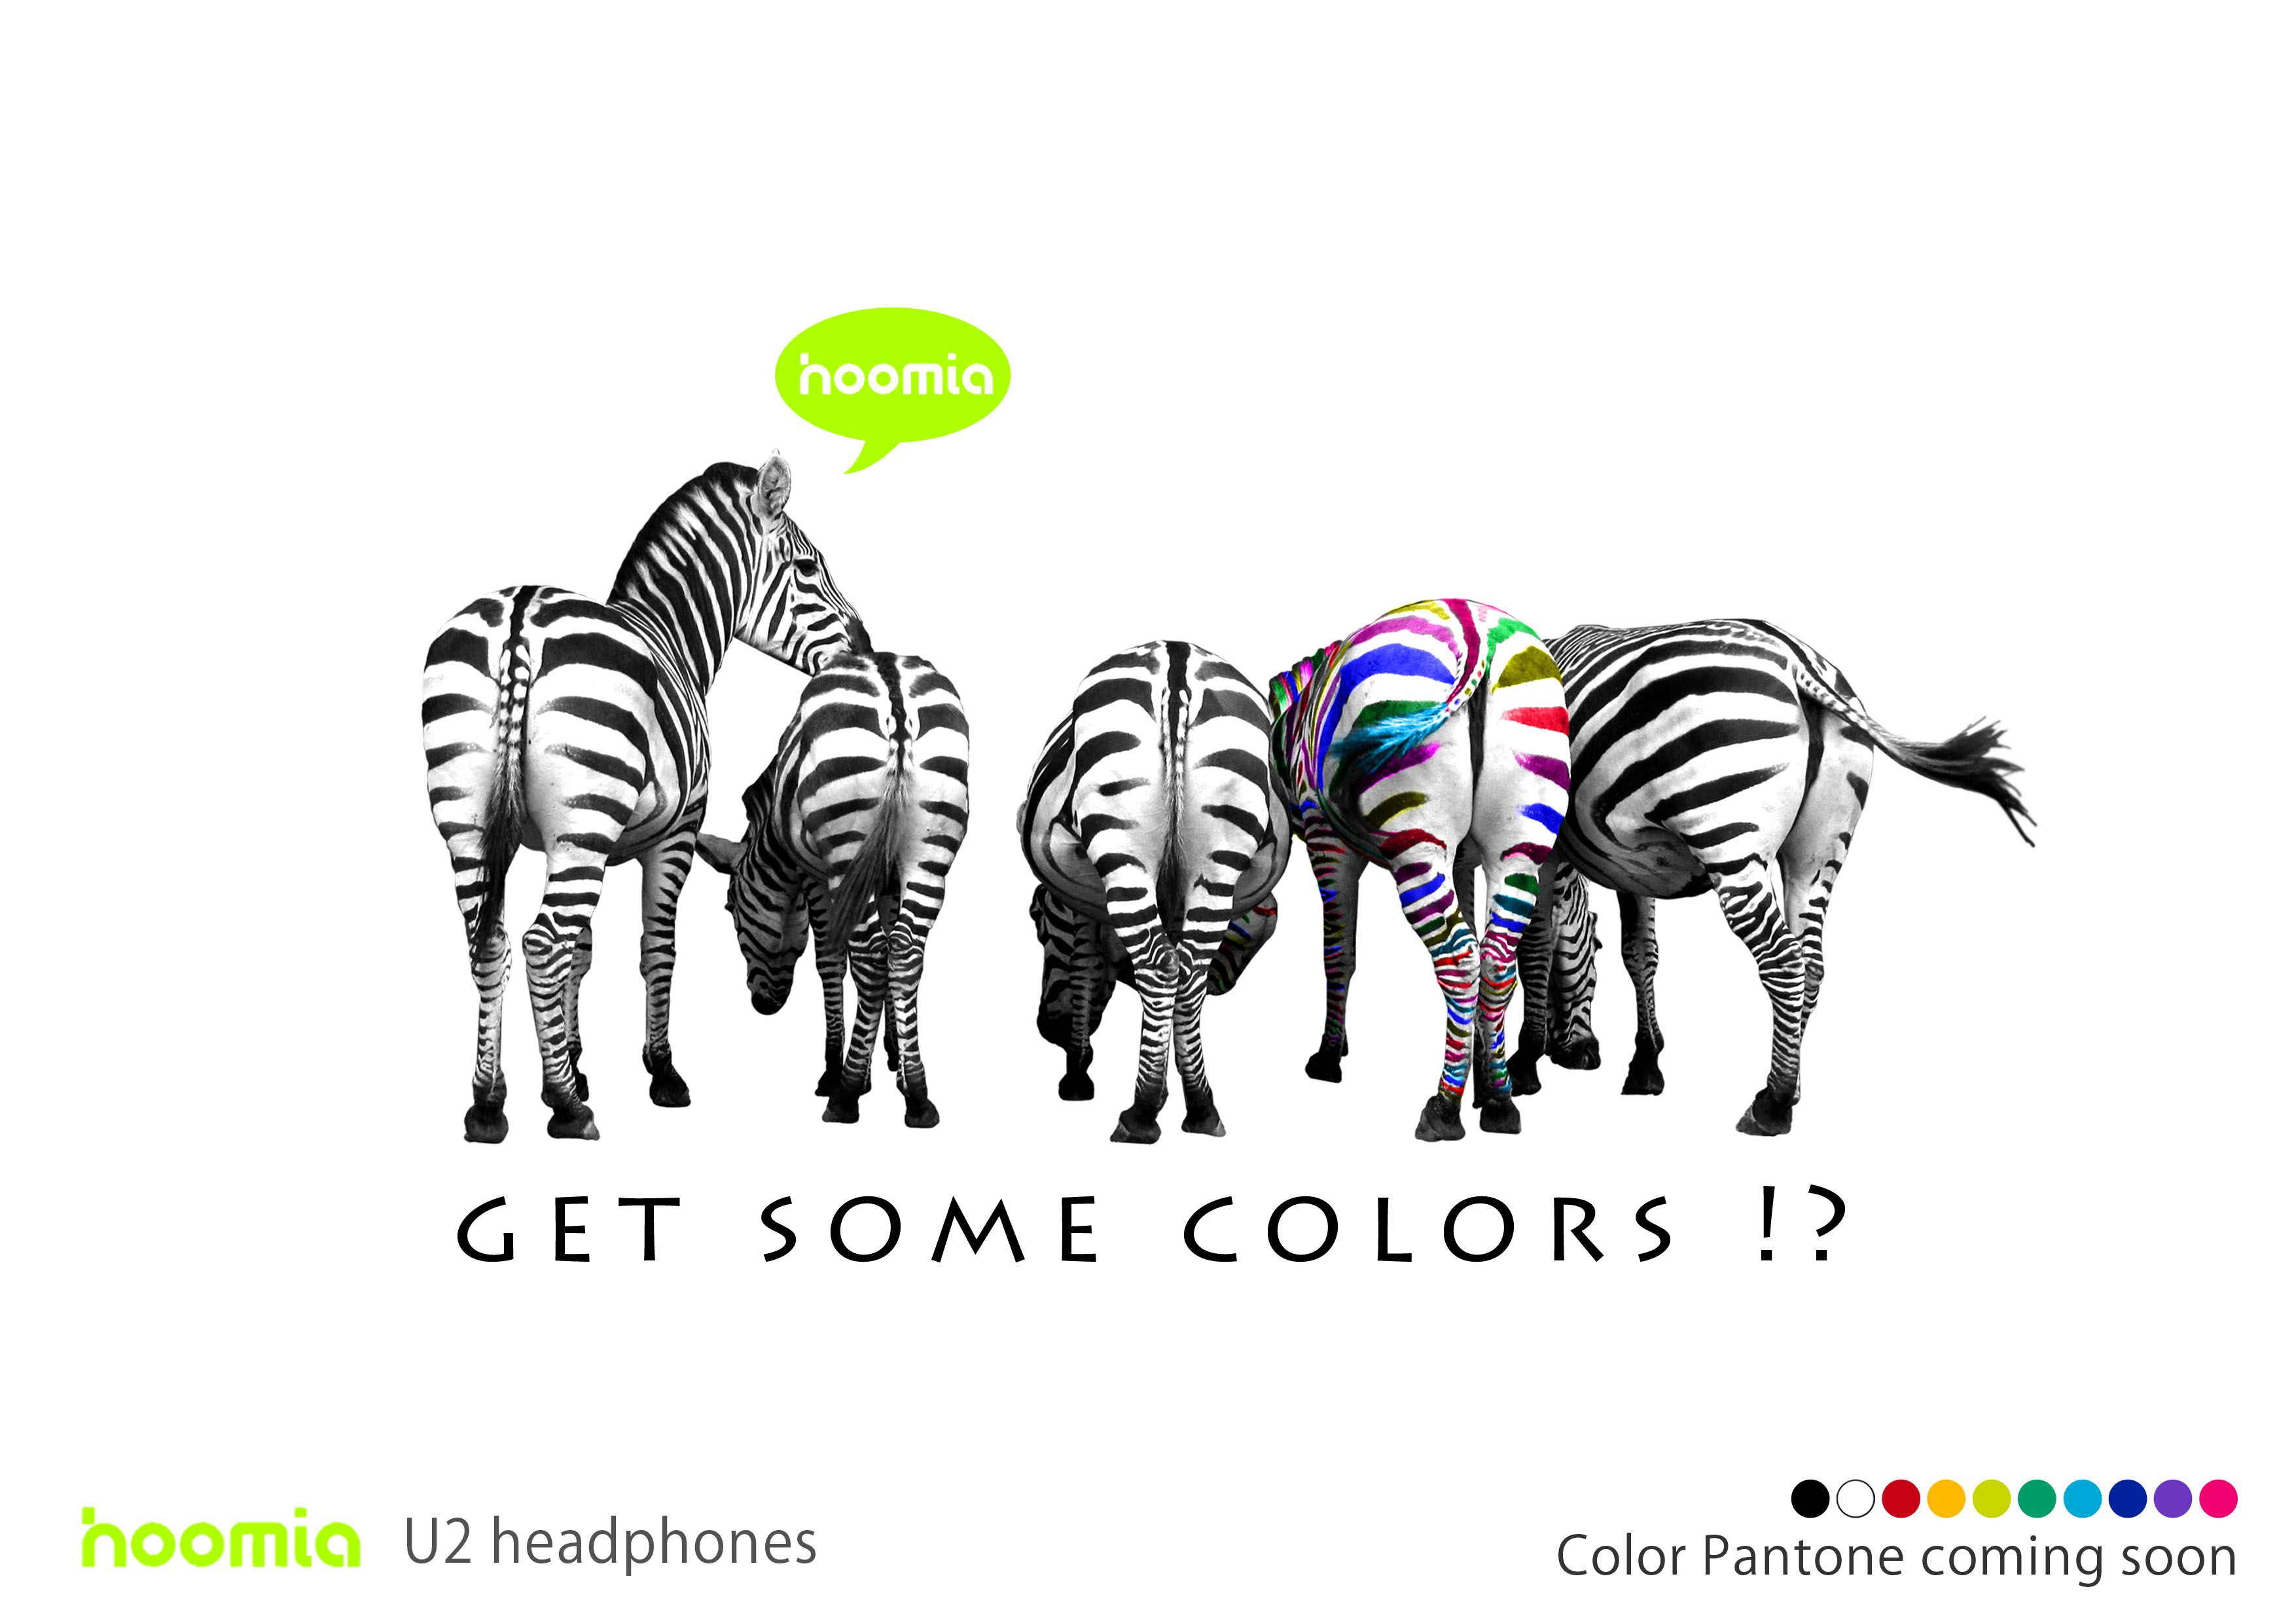 U2-headphones ad